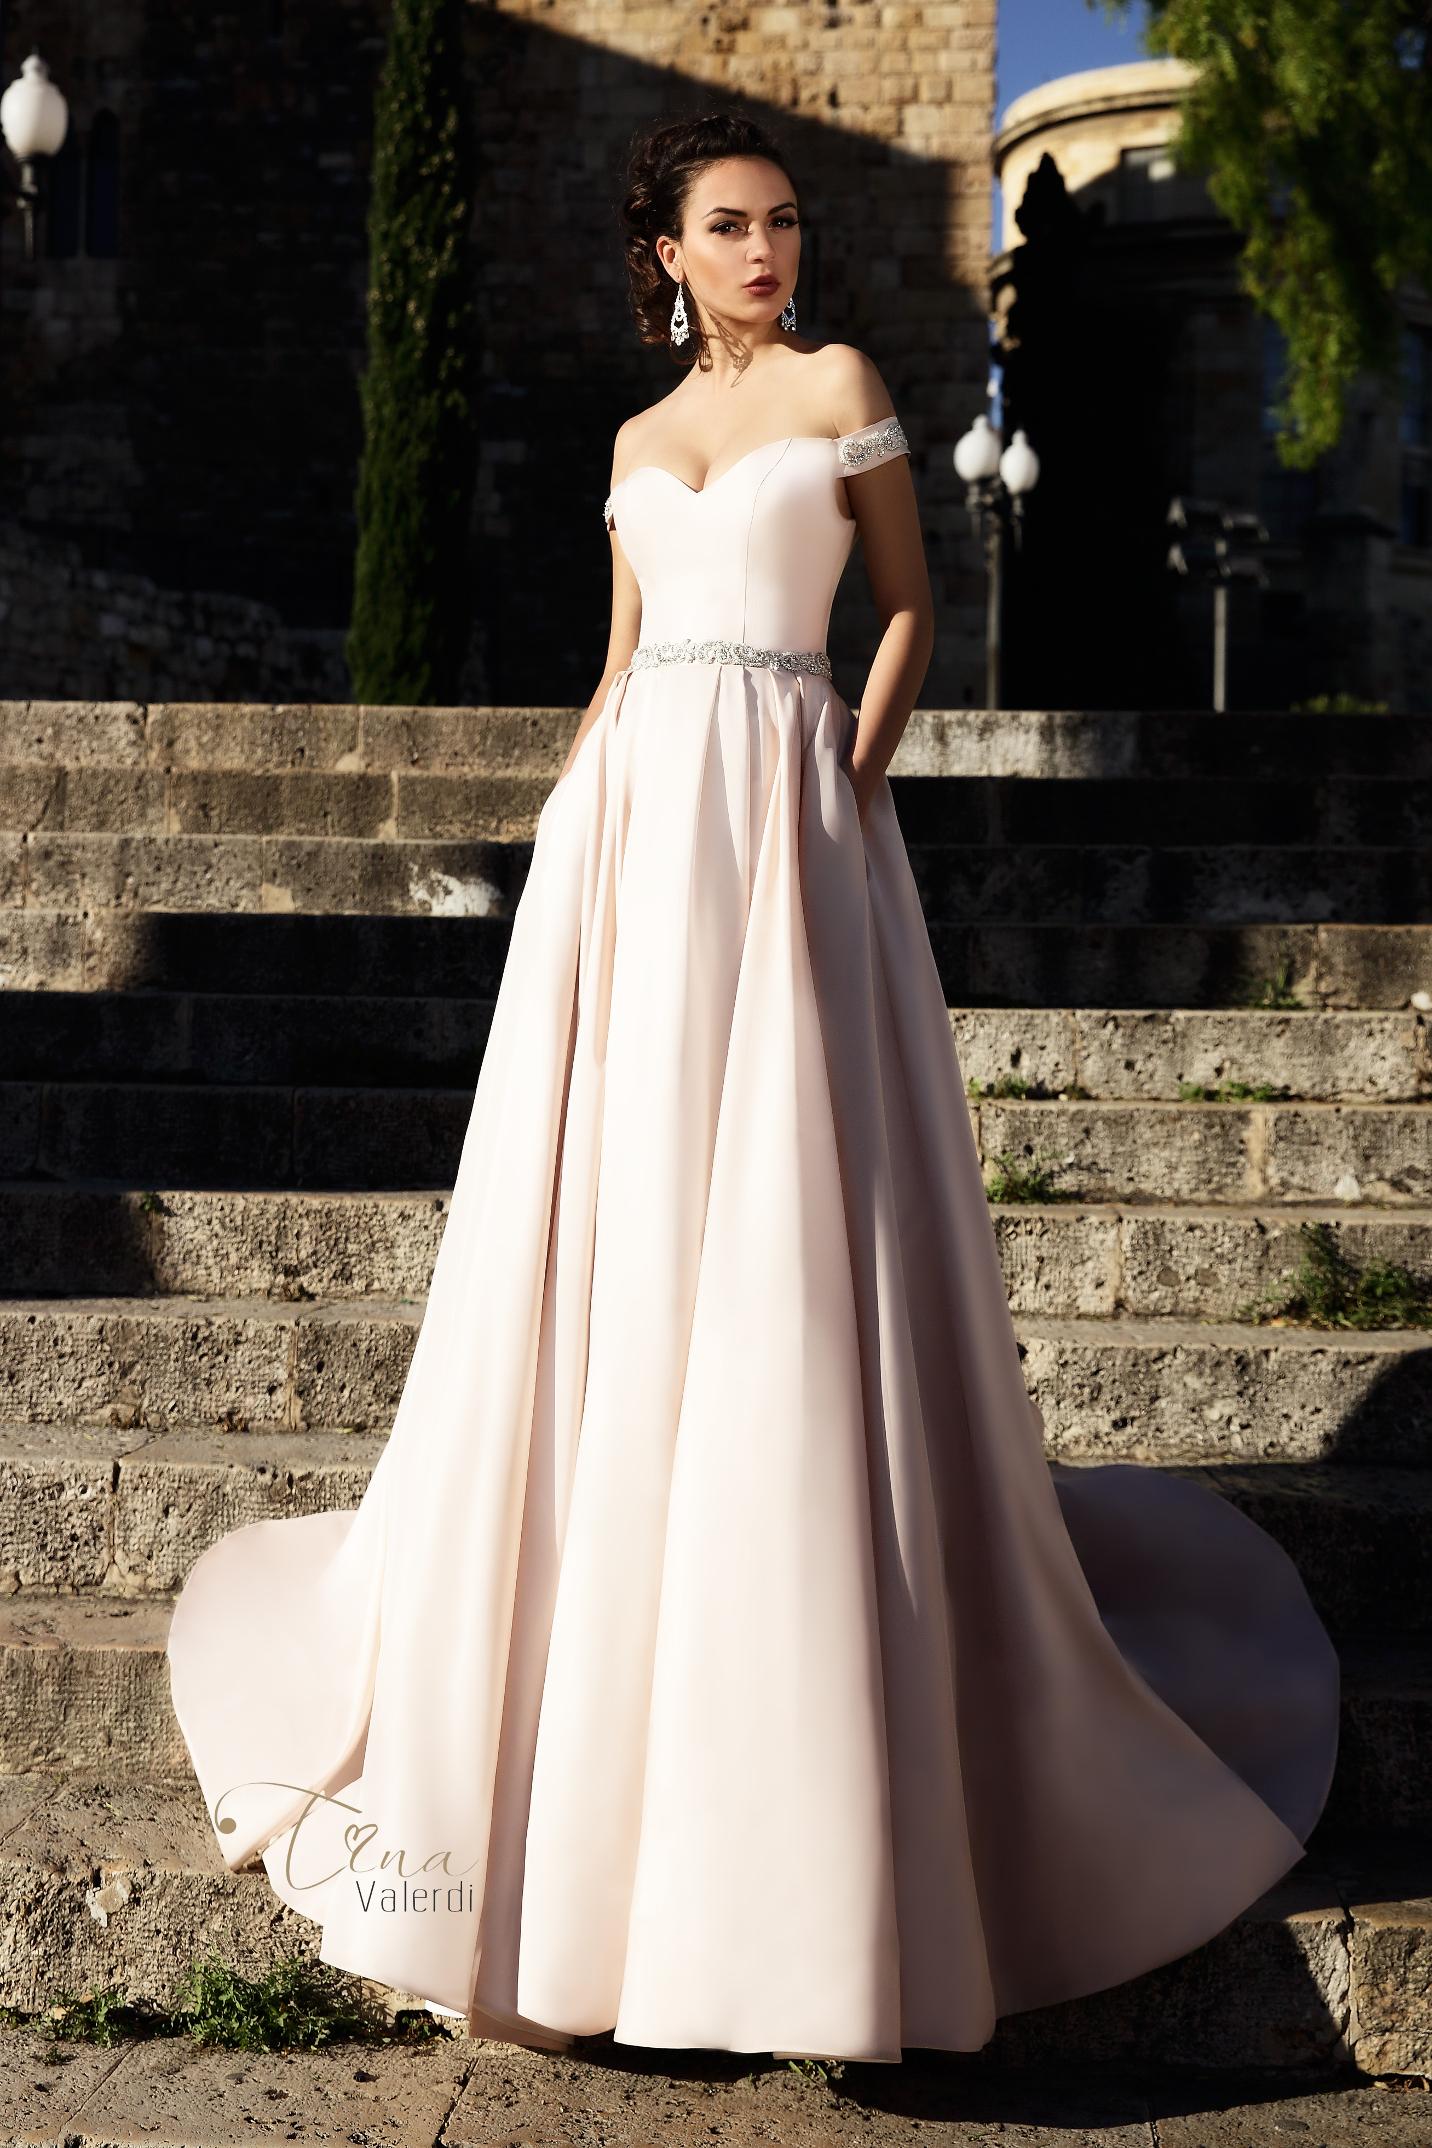 vestuvines sukneles tina valerdi Marisa1